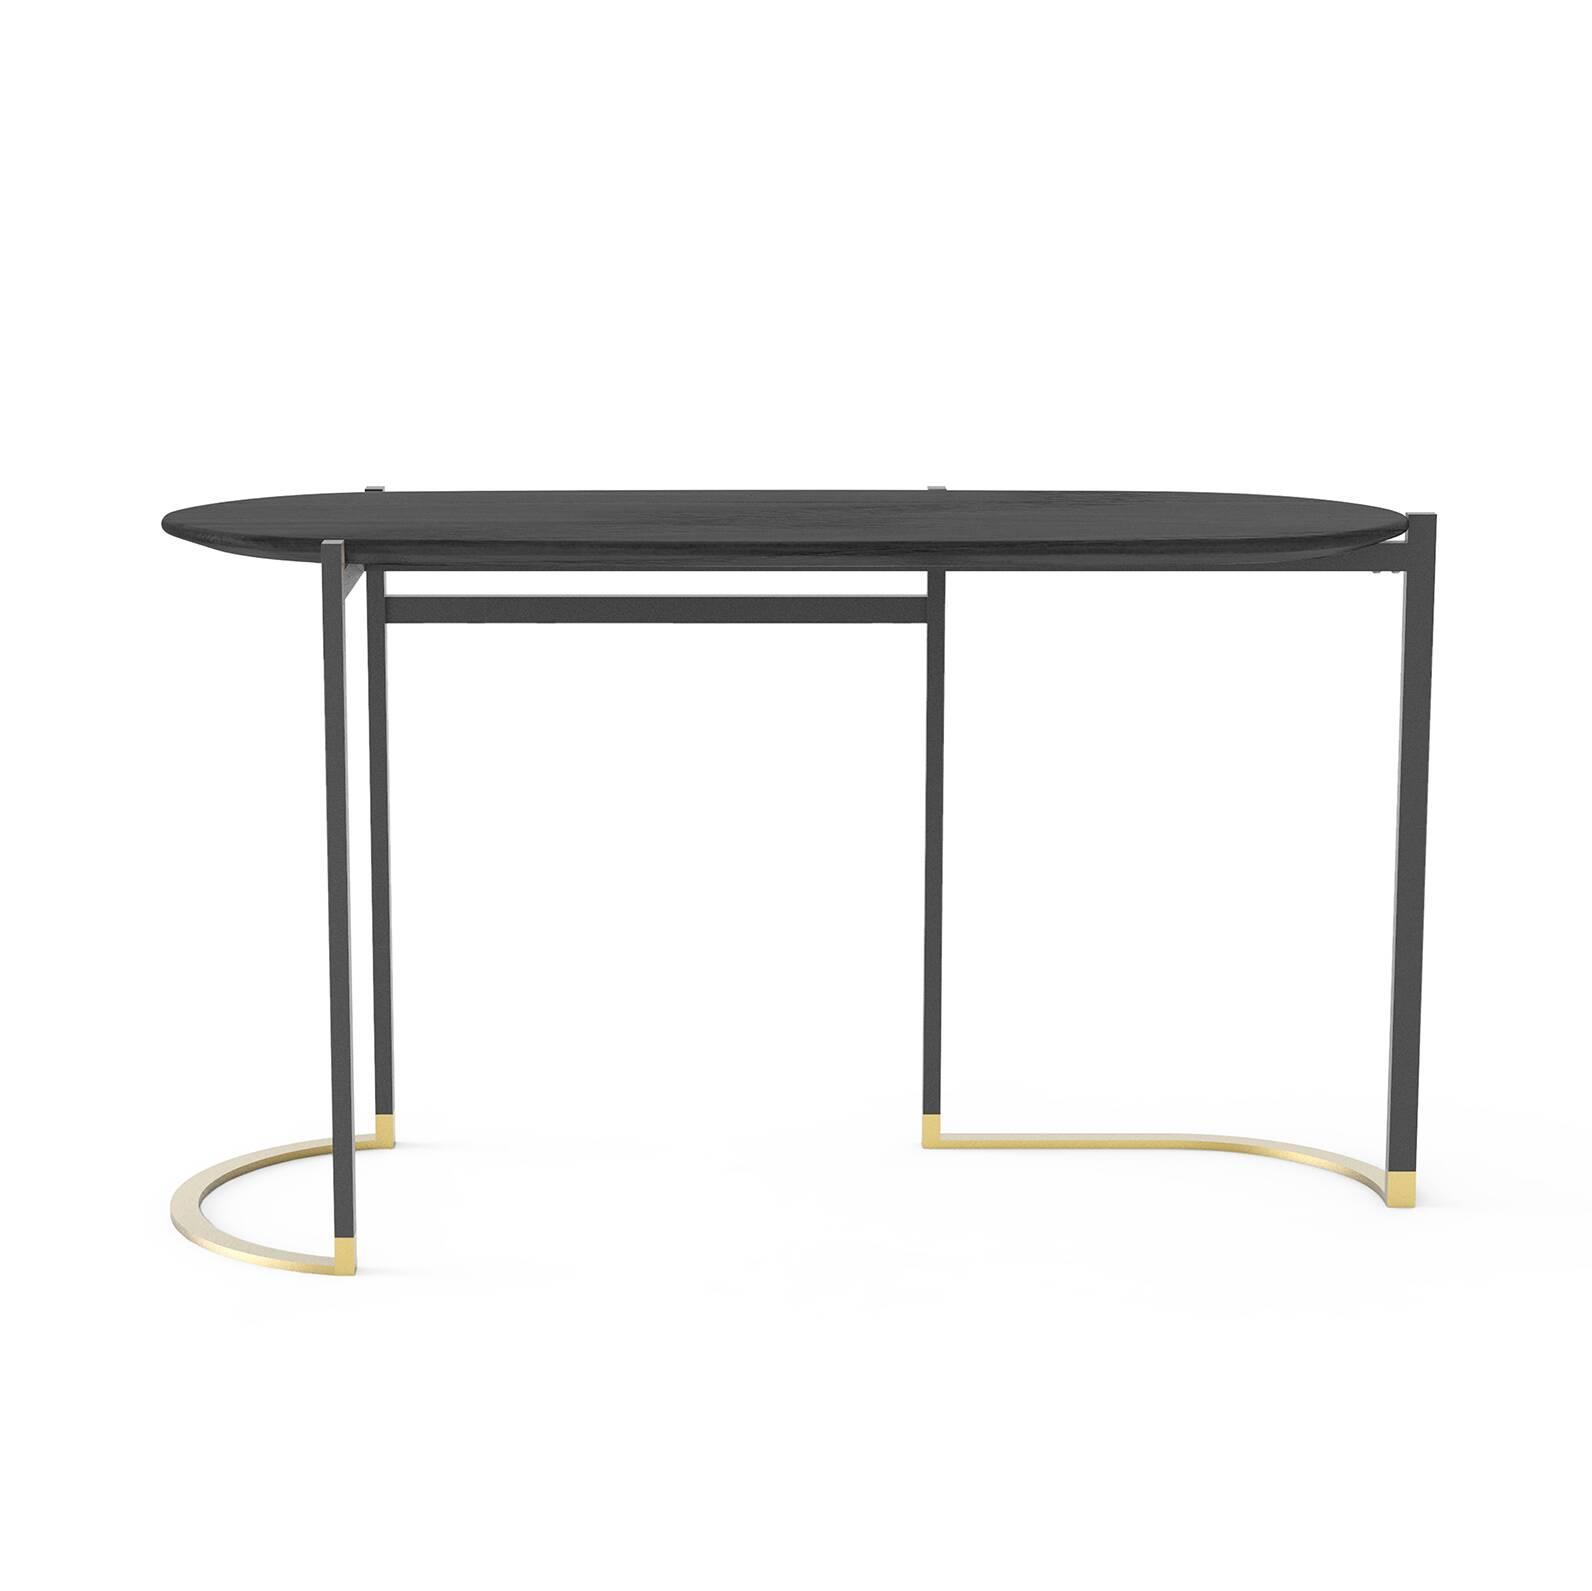 Консоль BlinkРабочие столы<br>Отличительная особенность этой модели в ее простом, но «вкусном» дизайне. Каждая деталь продумана, цветовая палитра изделия призвана украсить собой домашний интерьер. Консоль Blink – результат стараний дизайнеров компании Stellar Works, которые концентрируются не только на функциональности, но и на утонченной красоте своих изделий.<br><br><br> Для изготовления консоли Blink берутся высококачественные материалы, что позволяет не сомневаться в ее долговечности и надежности. В качестве опоры – пр...<br><br>stock: 0<br>Высота: 75<br>Ширина: 51<br>Длина: 134<br>Цвет ножек: Черный, Латунь<br>Цвет столешницы: Черный<br>Материал столешницы: Шпон ясеня<br>Тип материала столешницы: Дерево<br>Тип материала ножек: Сталь